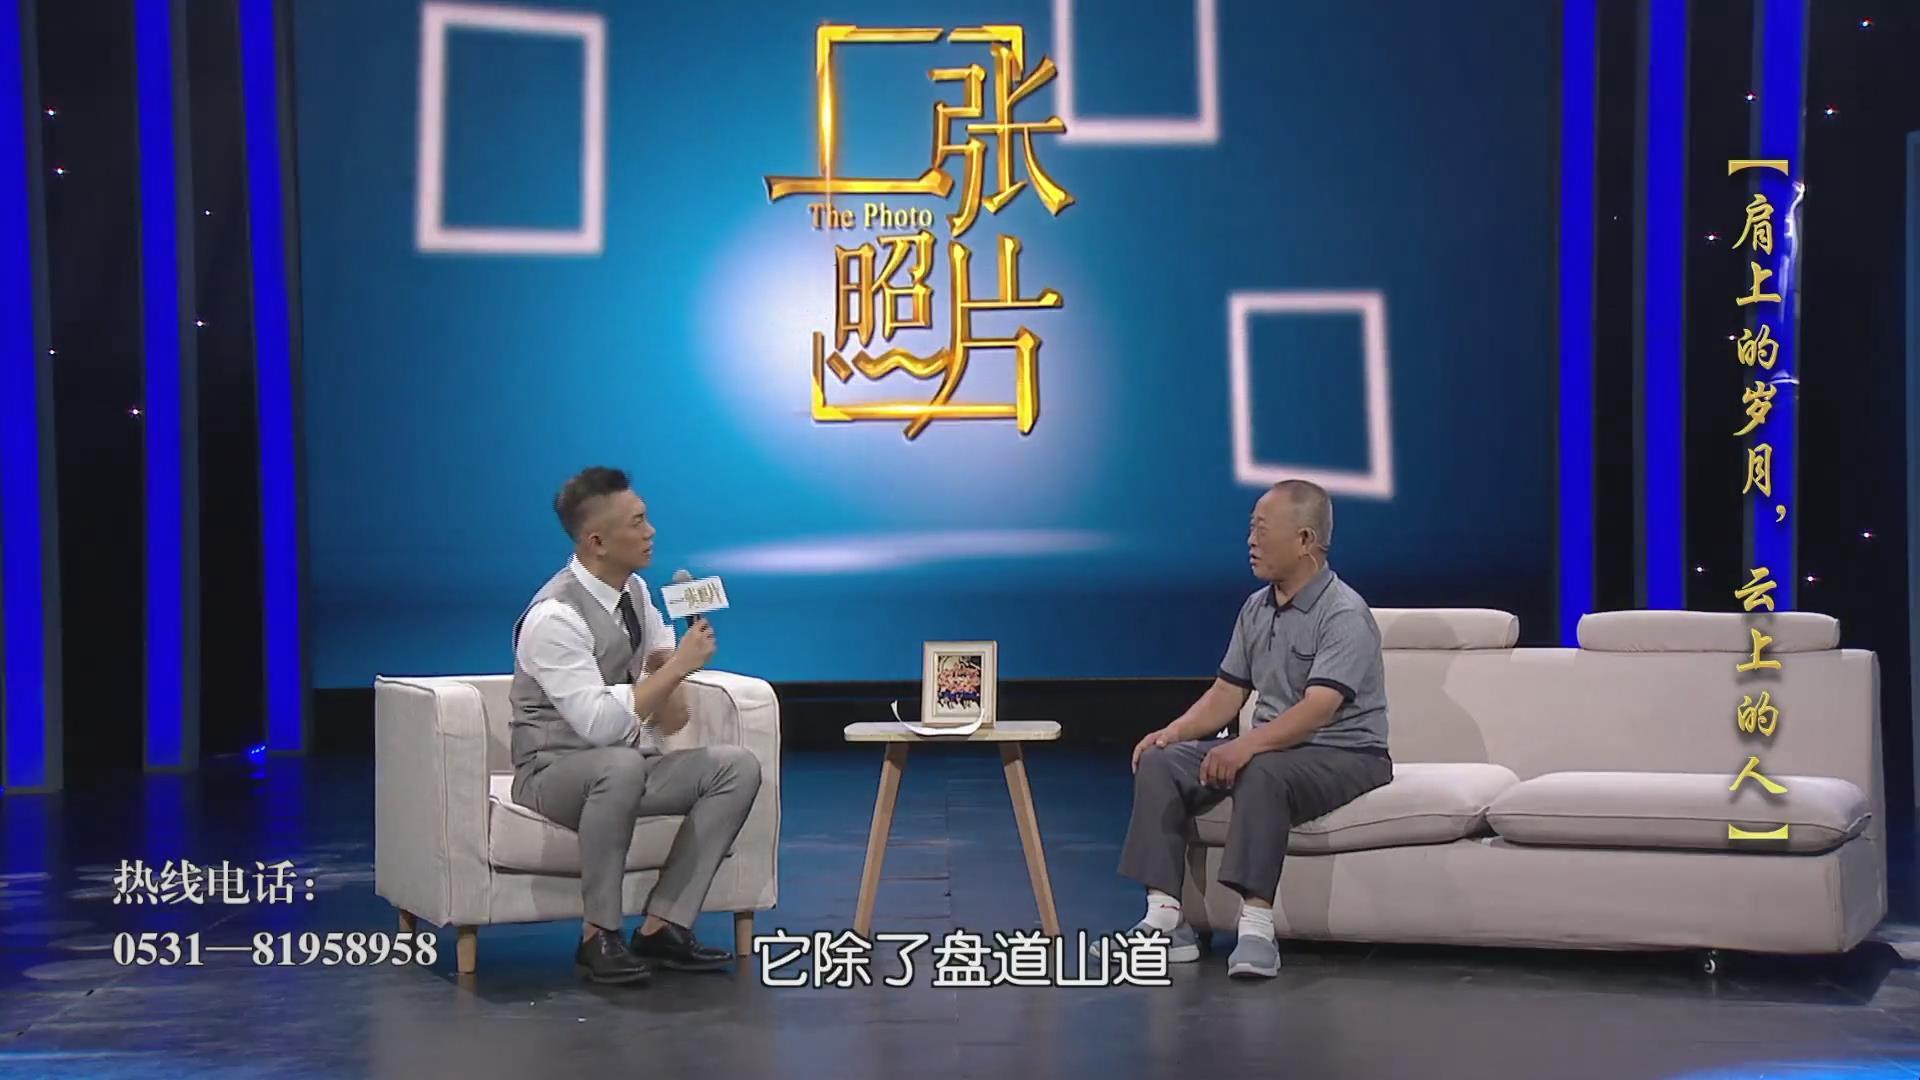 山东影视一张照片20190721播出赵平江